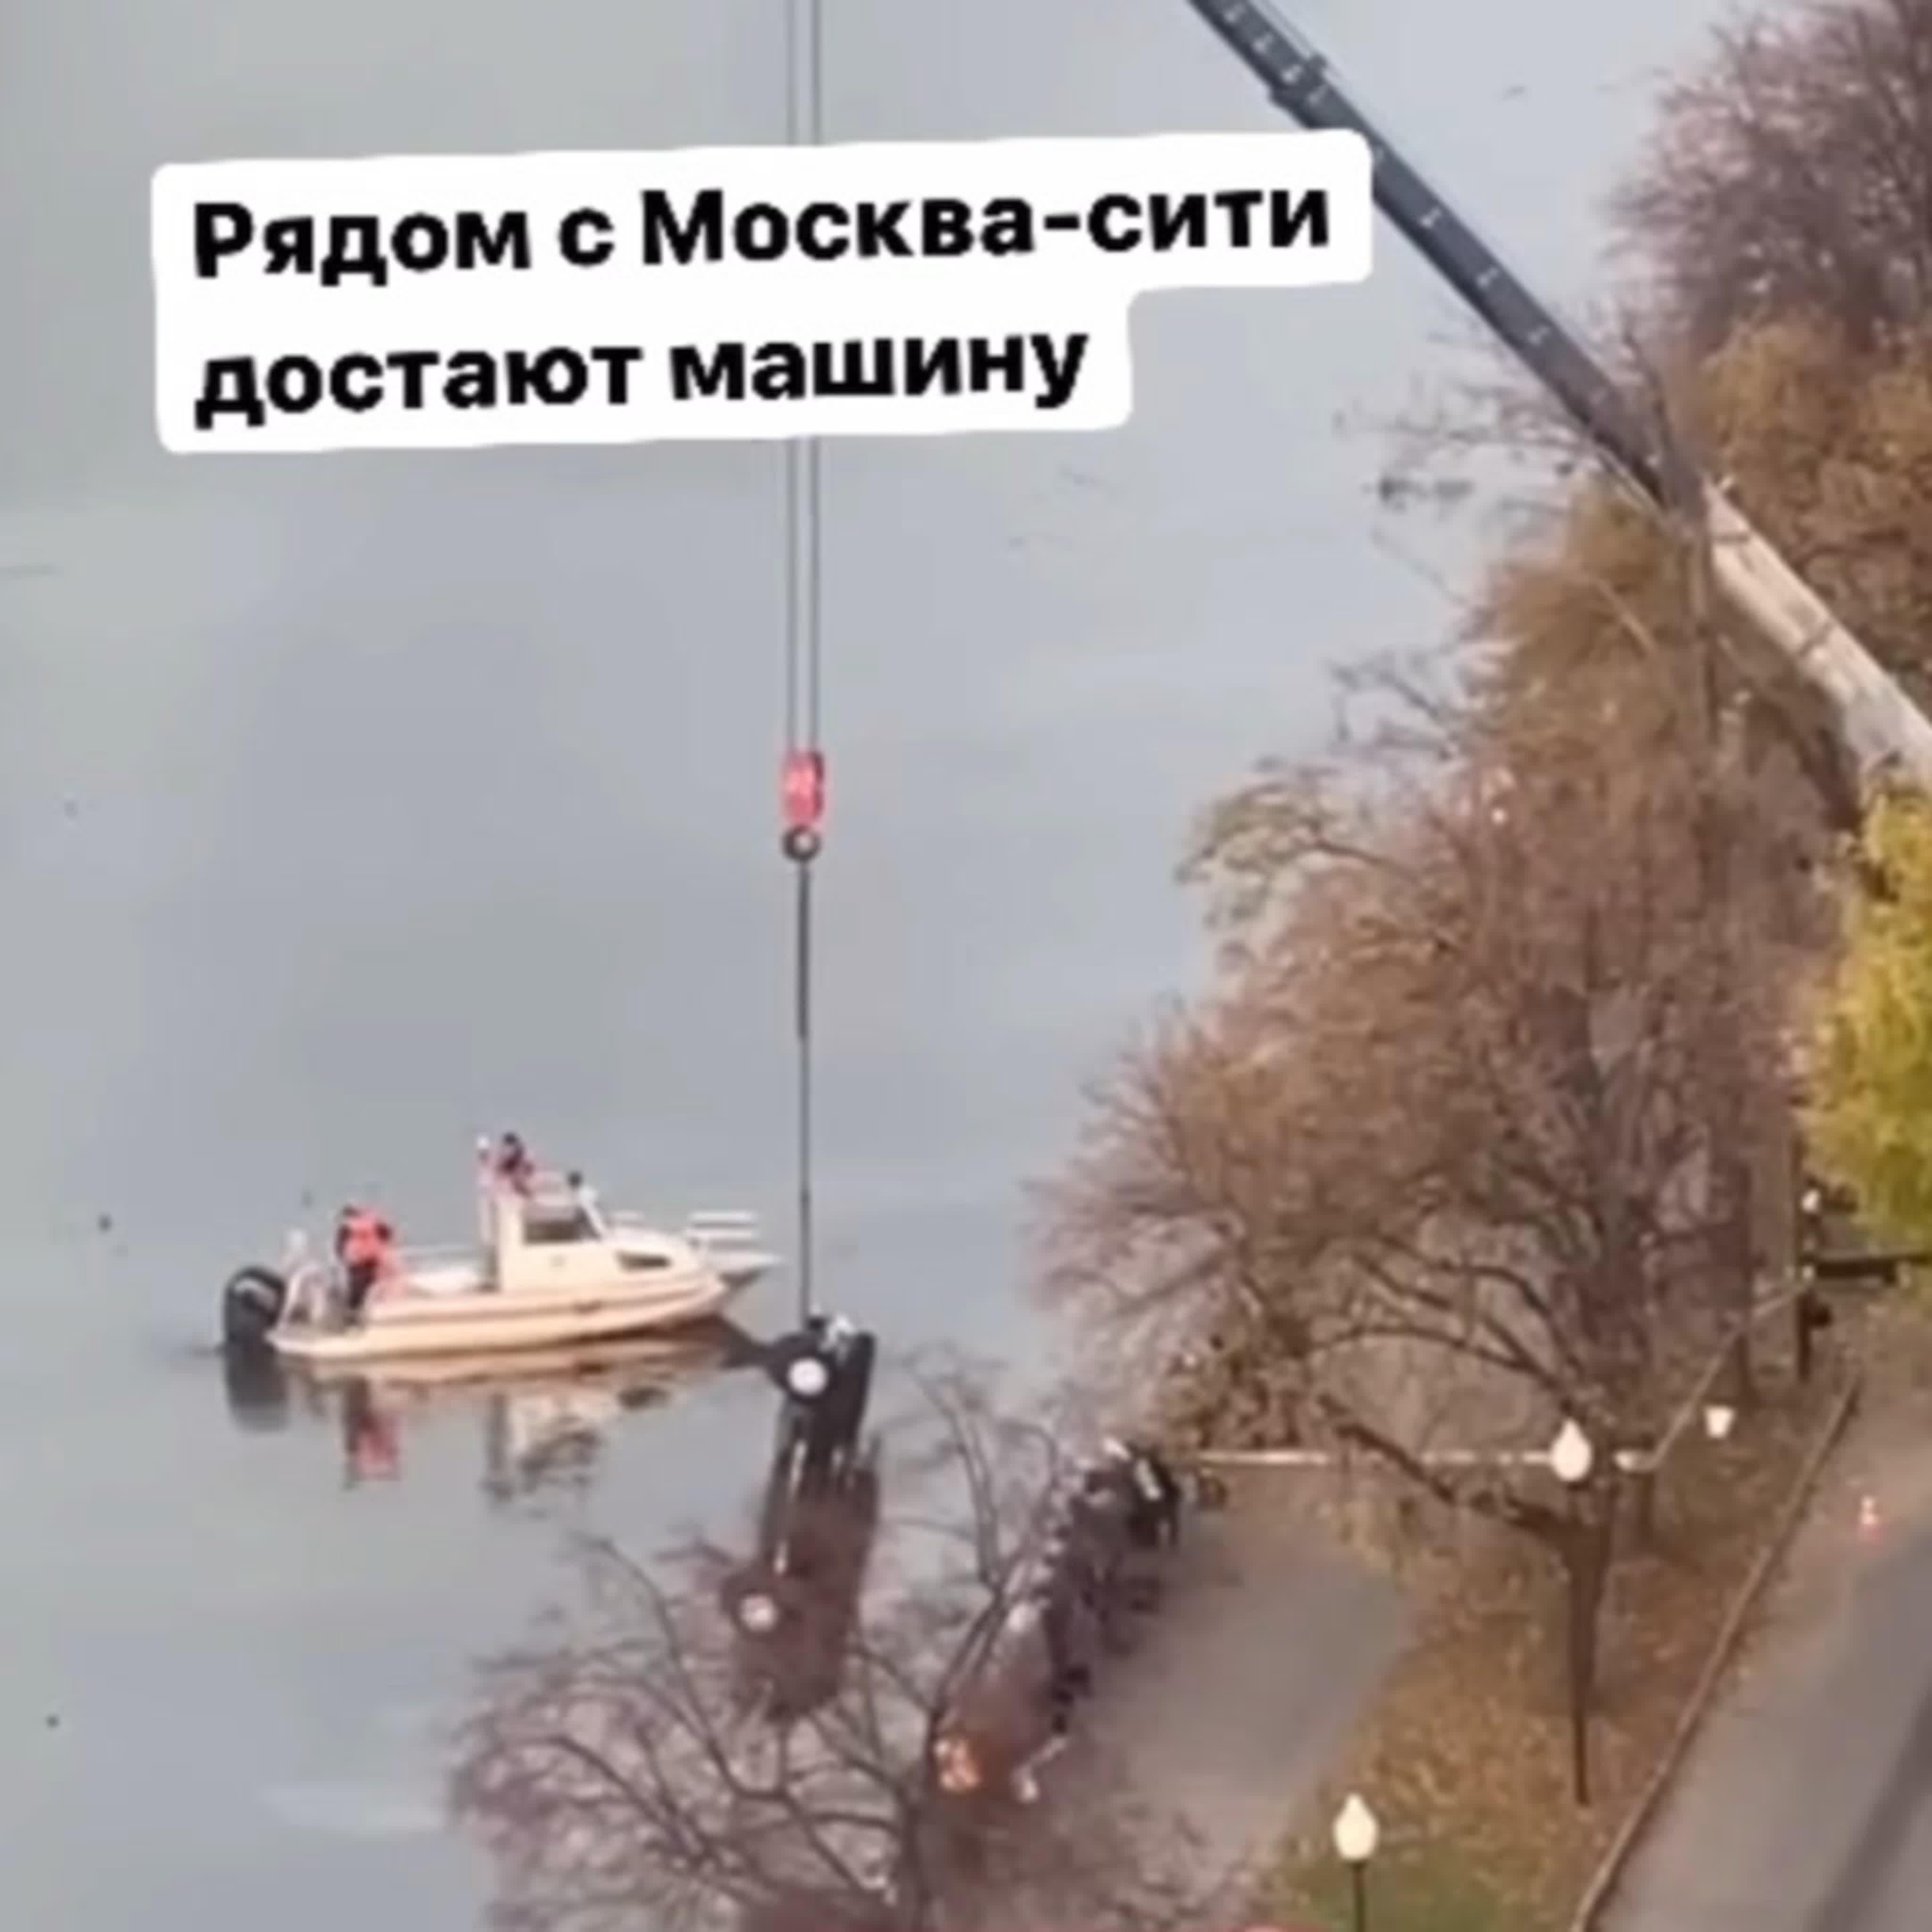 Во время съёмок кино около Москва- Сити в реку упал автомобиль